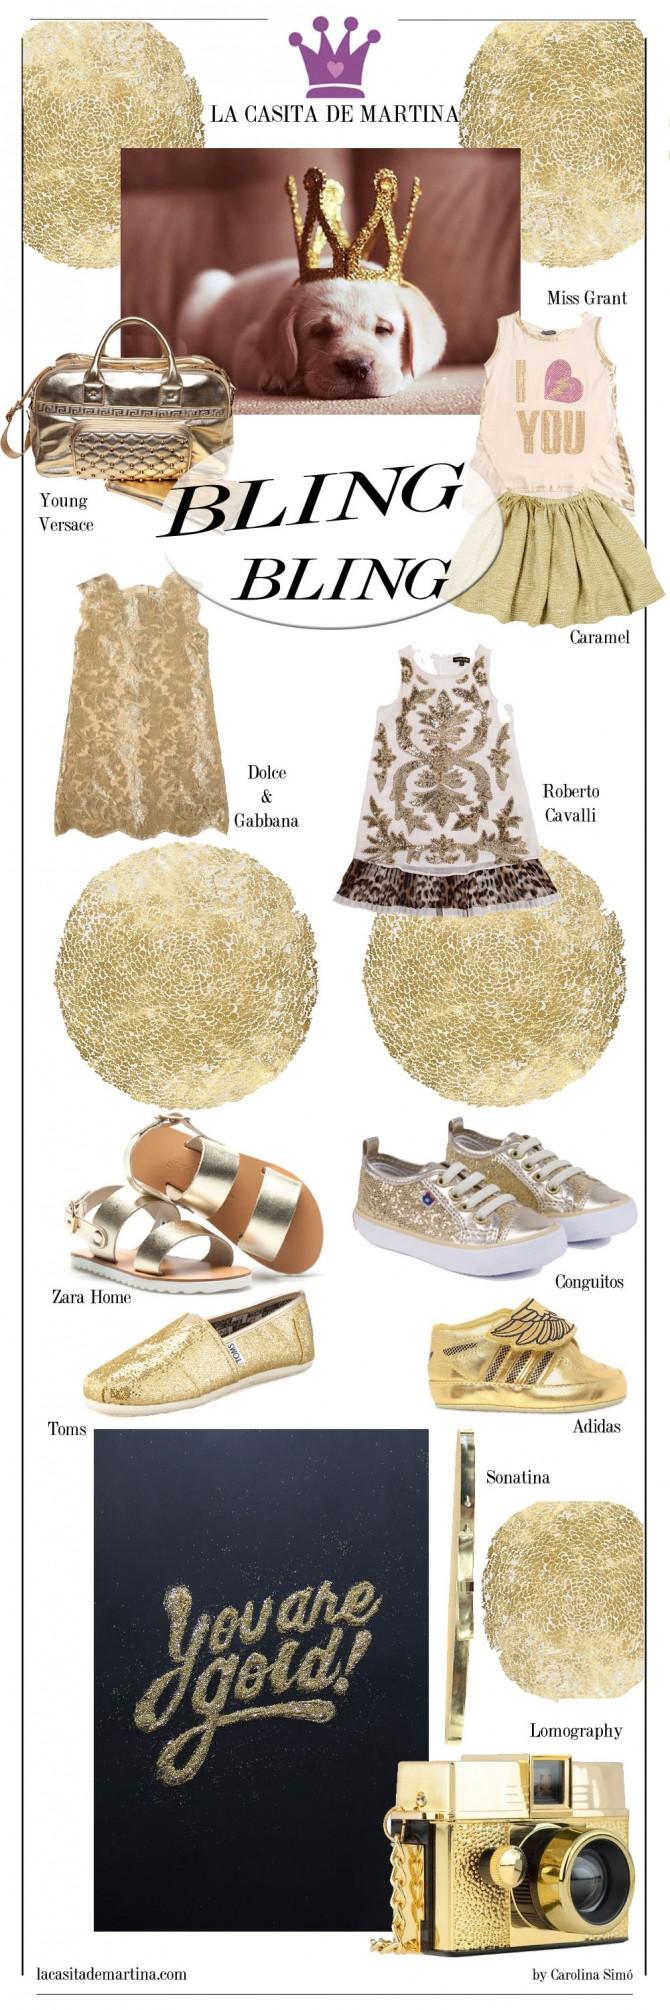 Tendencias moda infantil, Zara Home, La casita de Martina, Conguitos, Blog de Moda Infantil, Carolina Simó